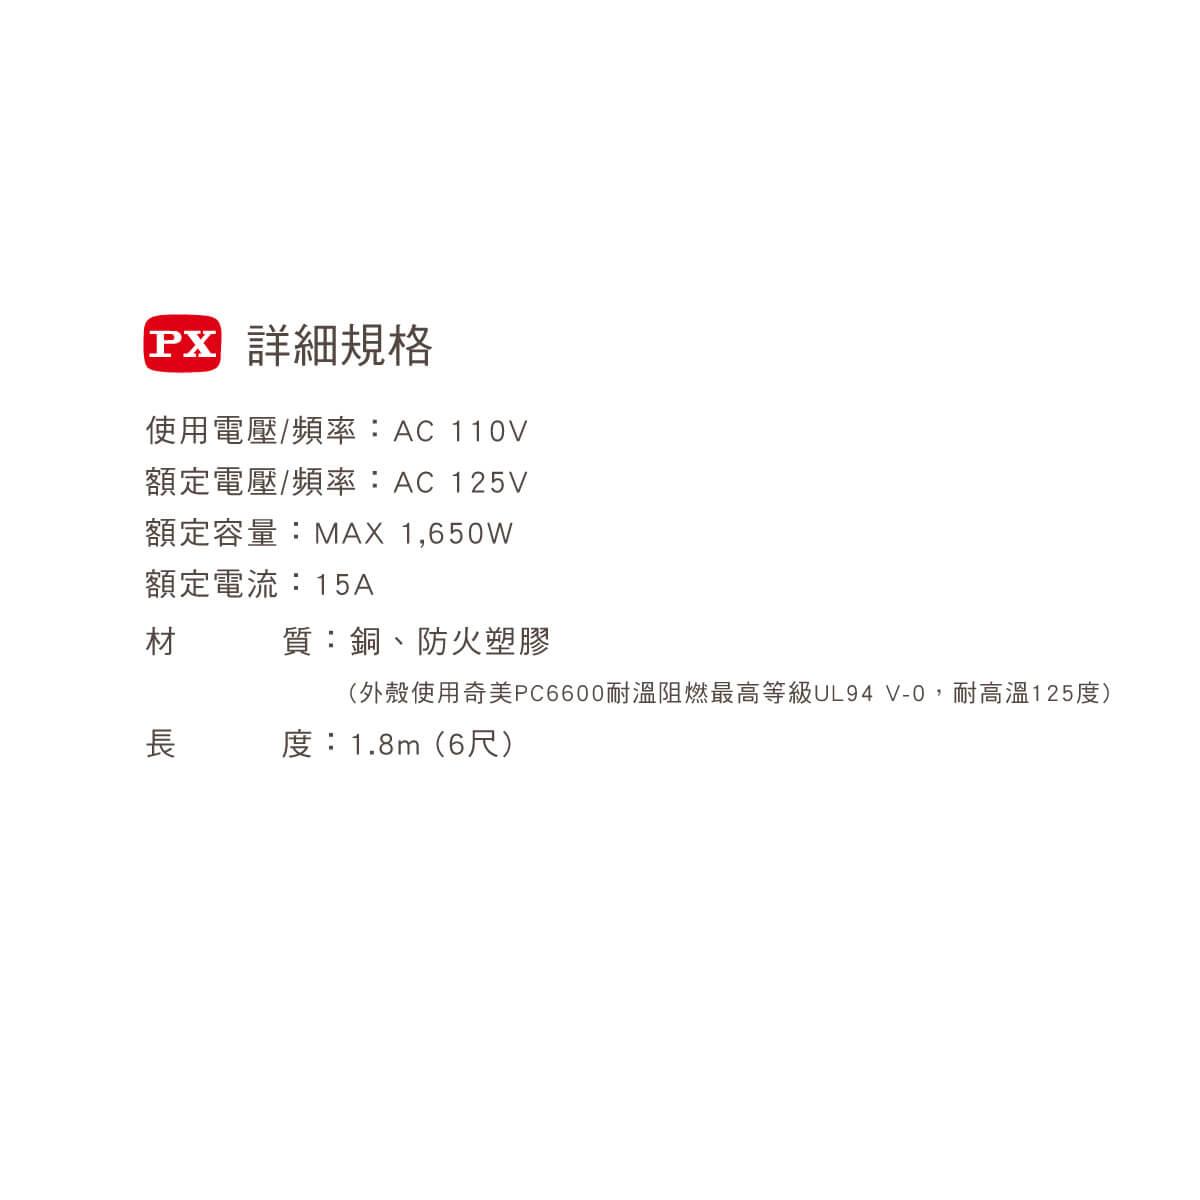 proimages/product/ExtensionCord/PEC666-669/PEC-6669-09.jpg